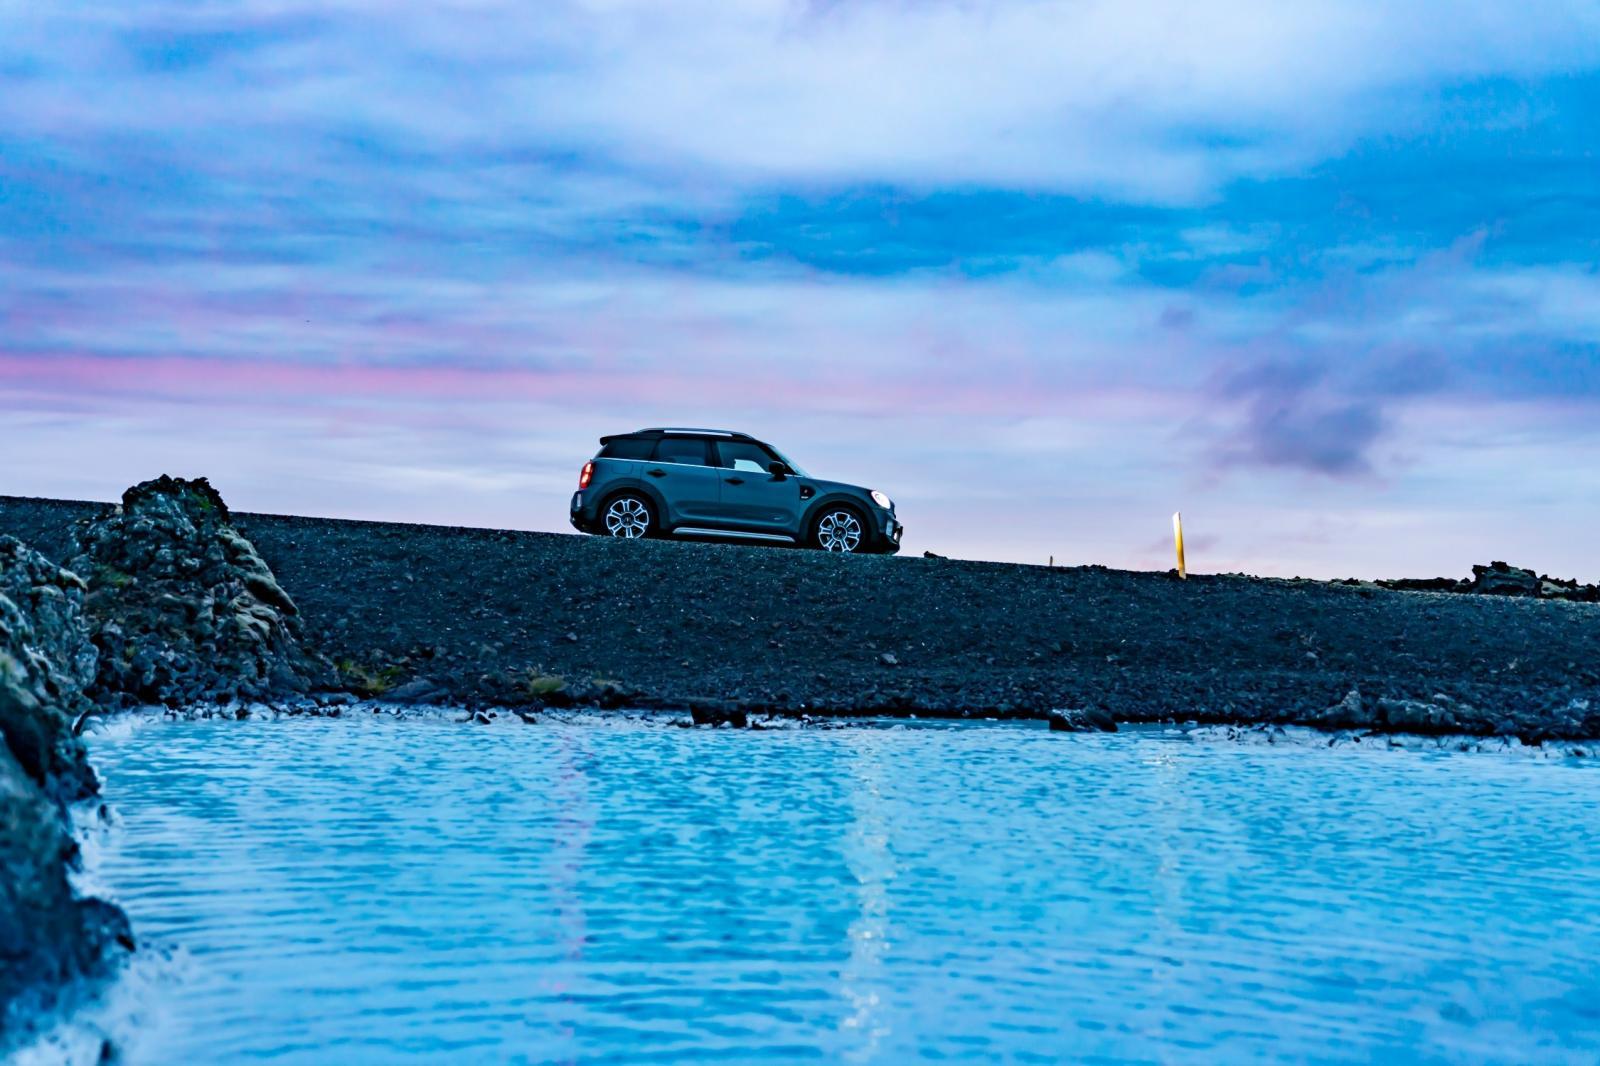 Prueban las habilidades de la Mini Cooper S Countryman ALL4 en Islandia